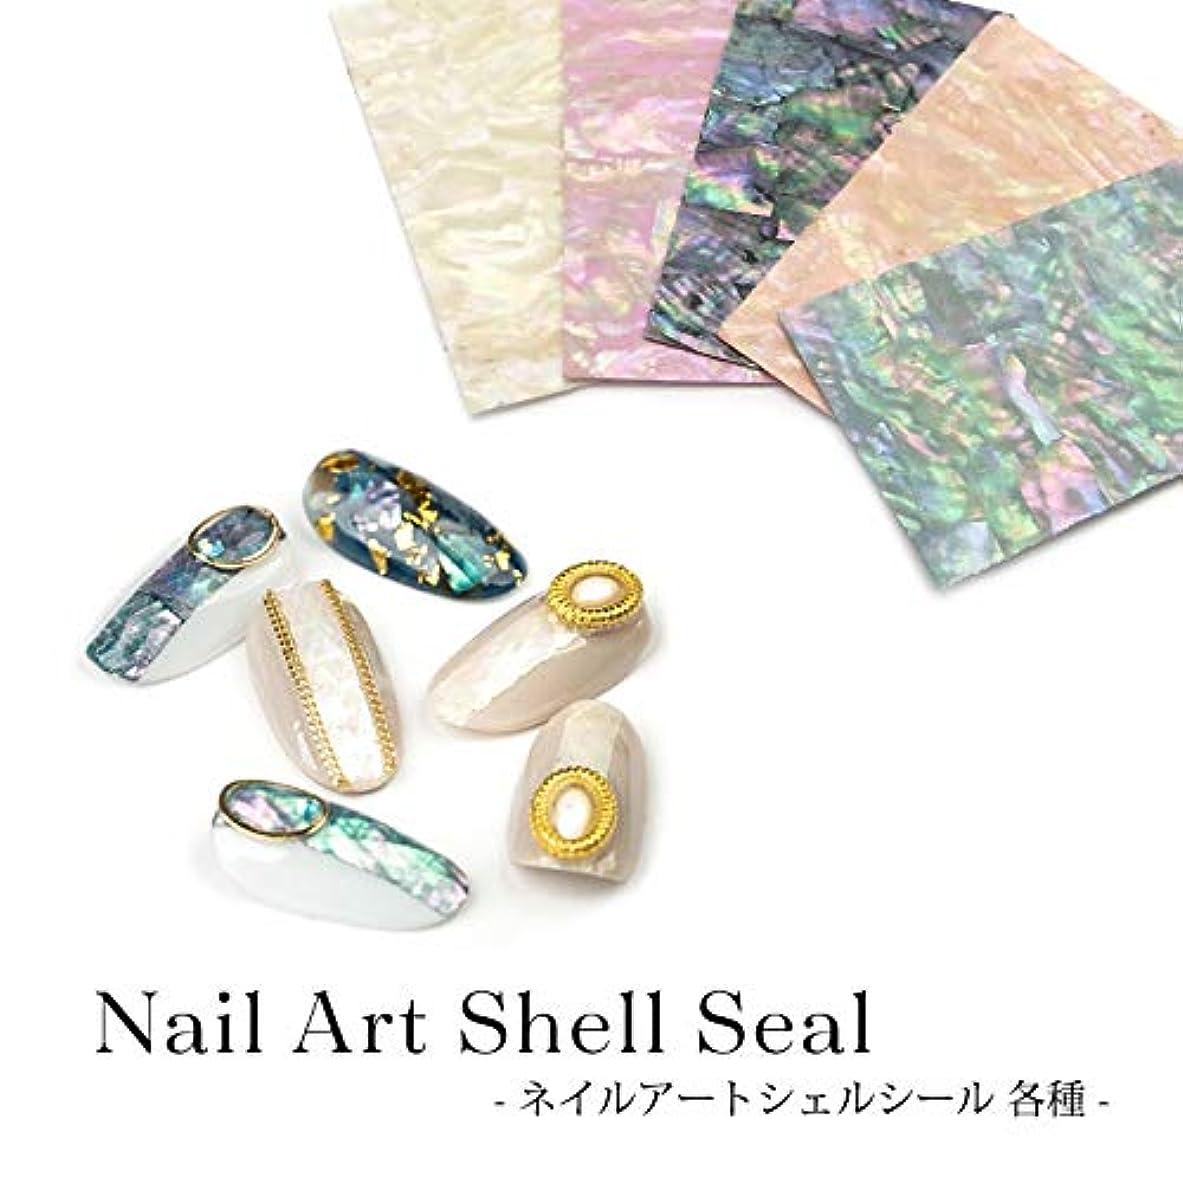 ケープ寝室を掃除する企業ネイル アート シェルシール 各種 1枚入り (5.アクア系)